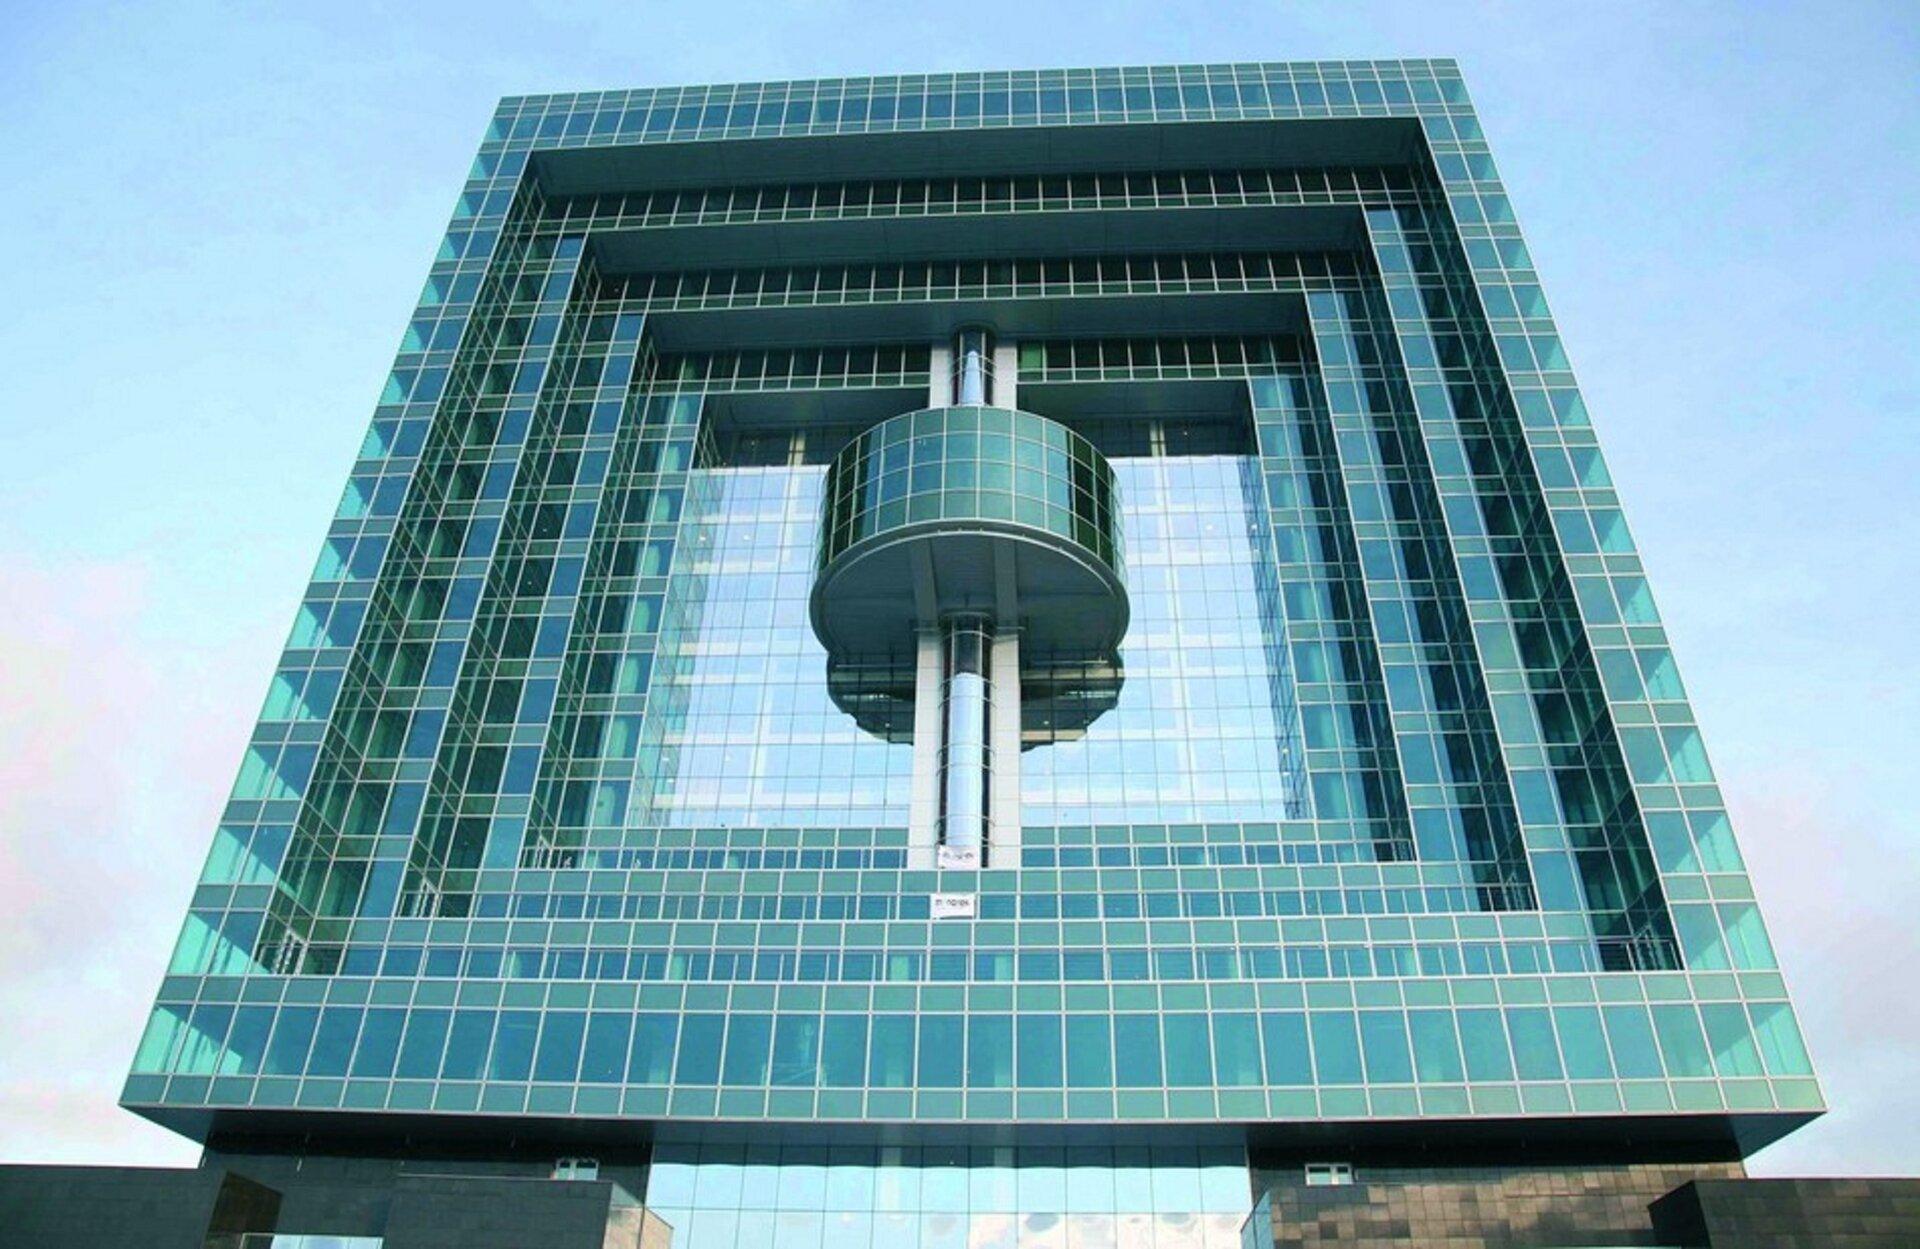 Ilustracja przedstawia Avilon Plaza wMoskwie. Jest to budynek ze szklaną elewacją. Konstrukcja to cztery kwadraty wpisane jeden wdrugi. Wnajmniejszym znich są trzy filary, ana środku nich półokrągła część wystająca zbudynku również pokryta szkłem. Szklana elewacja ma kolor zielonkawo-niebieski. Wtle jasne błękitne niebo.